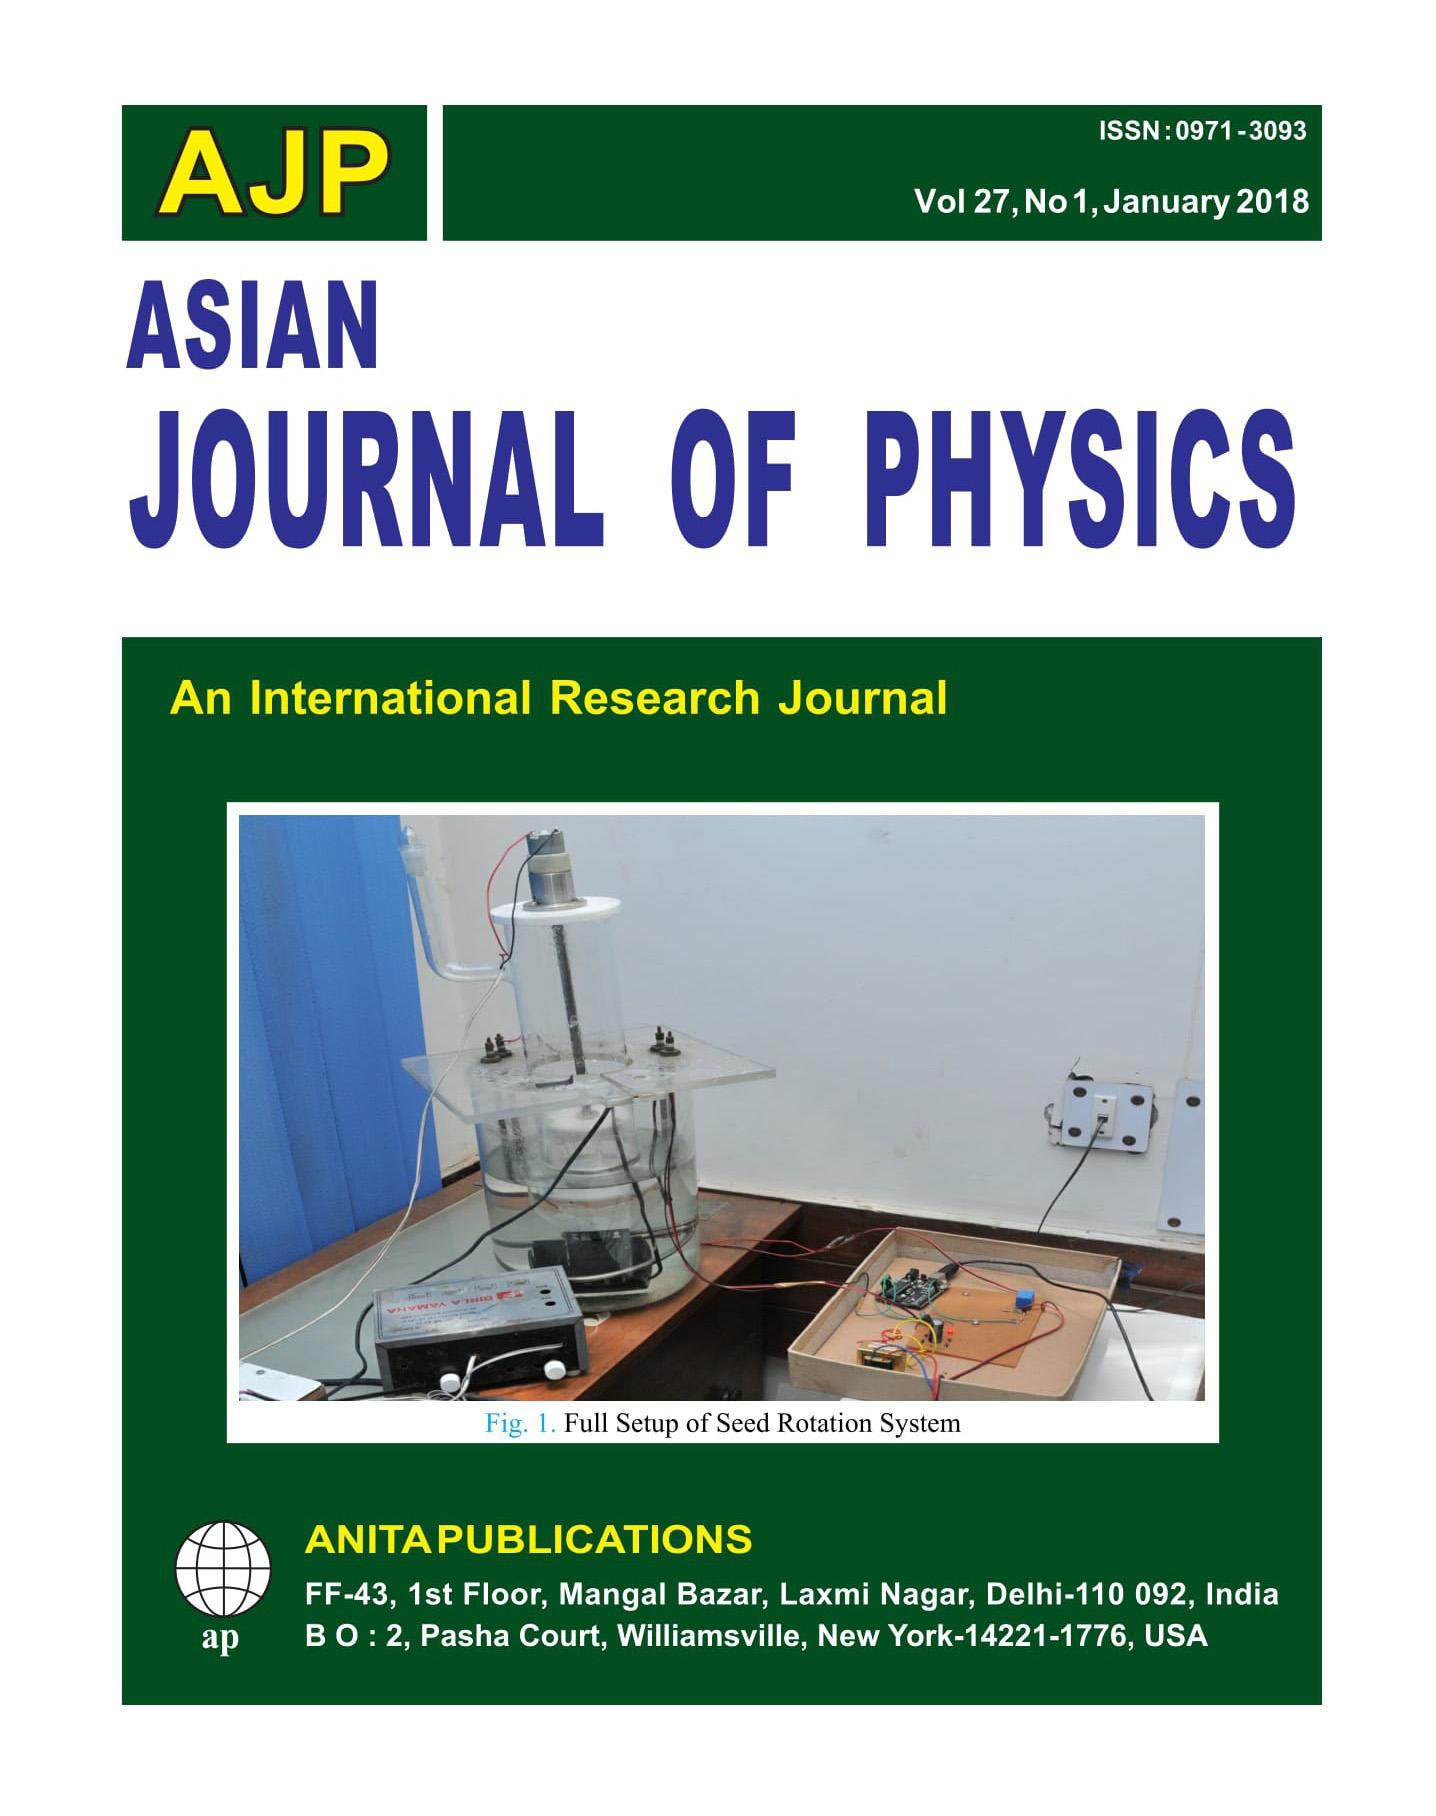 AJP Vol 27 No 1, 2018